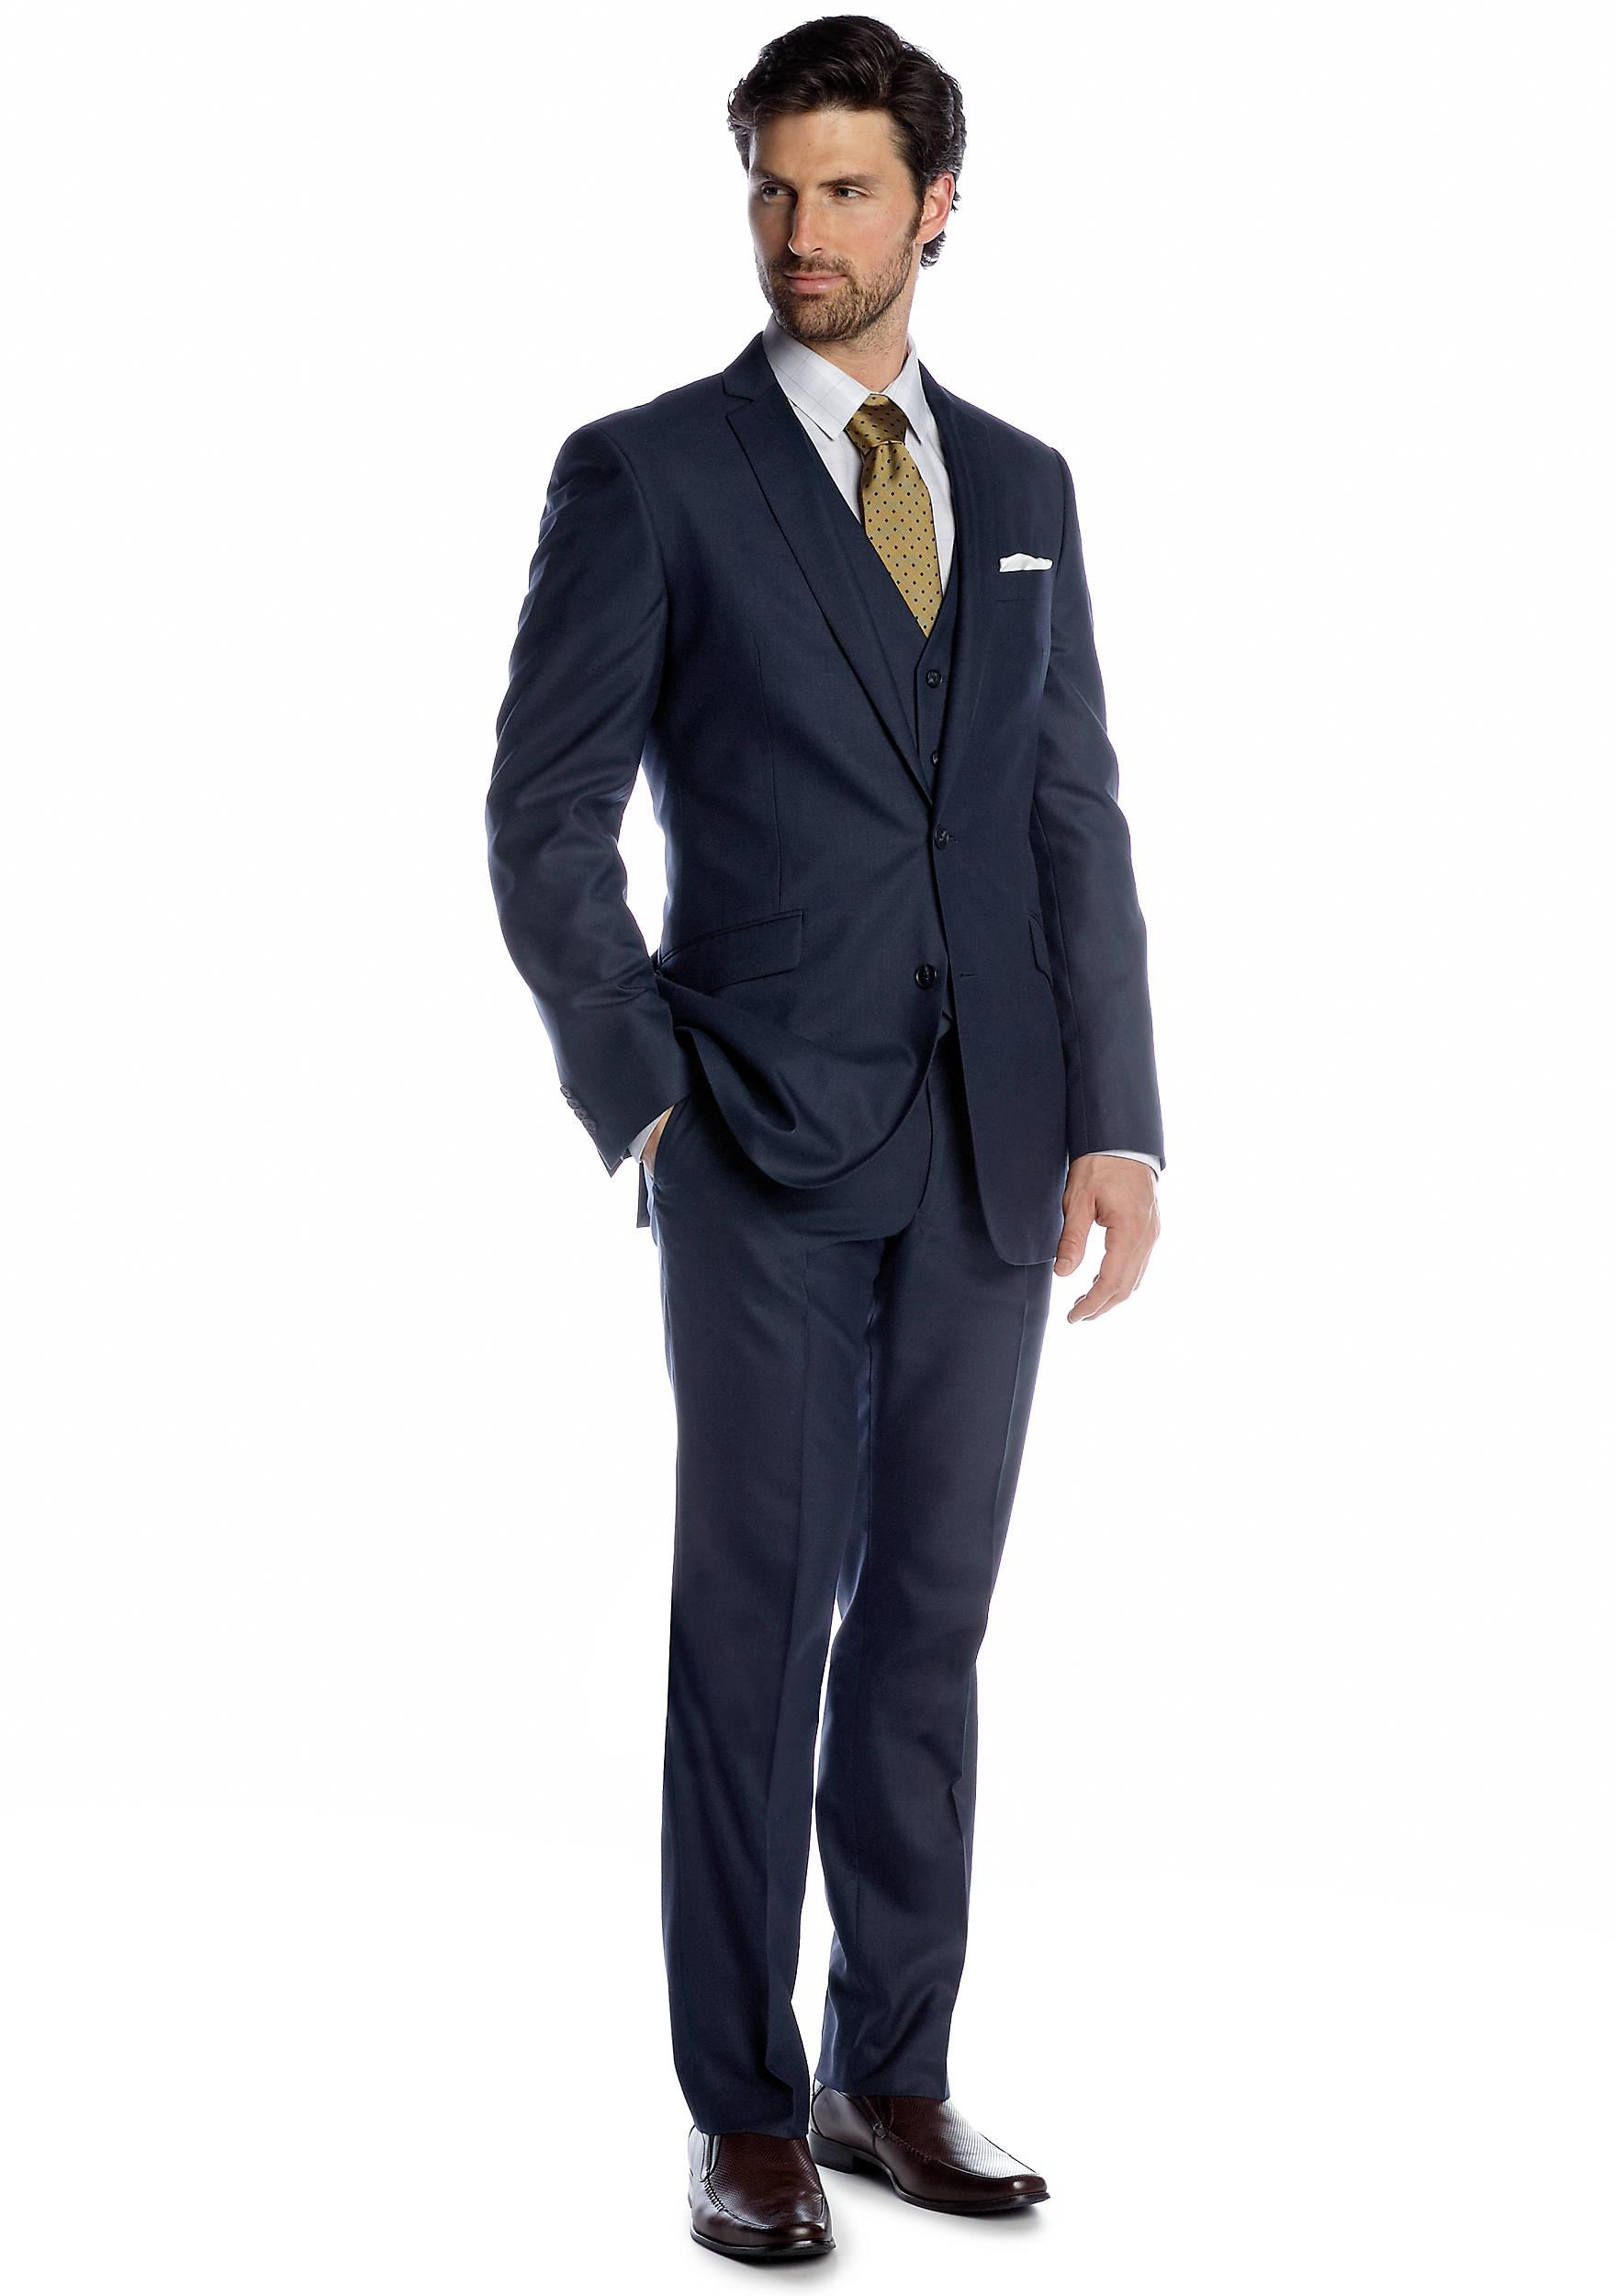 Kenneth Cole Reaction Kenneth Cole Reaction Slim Fit Suit Separates ...